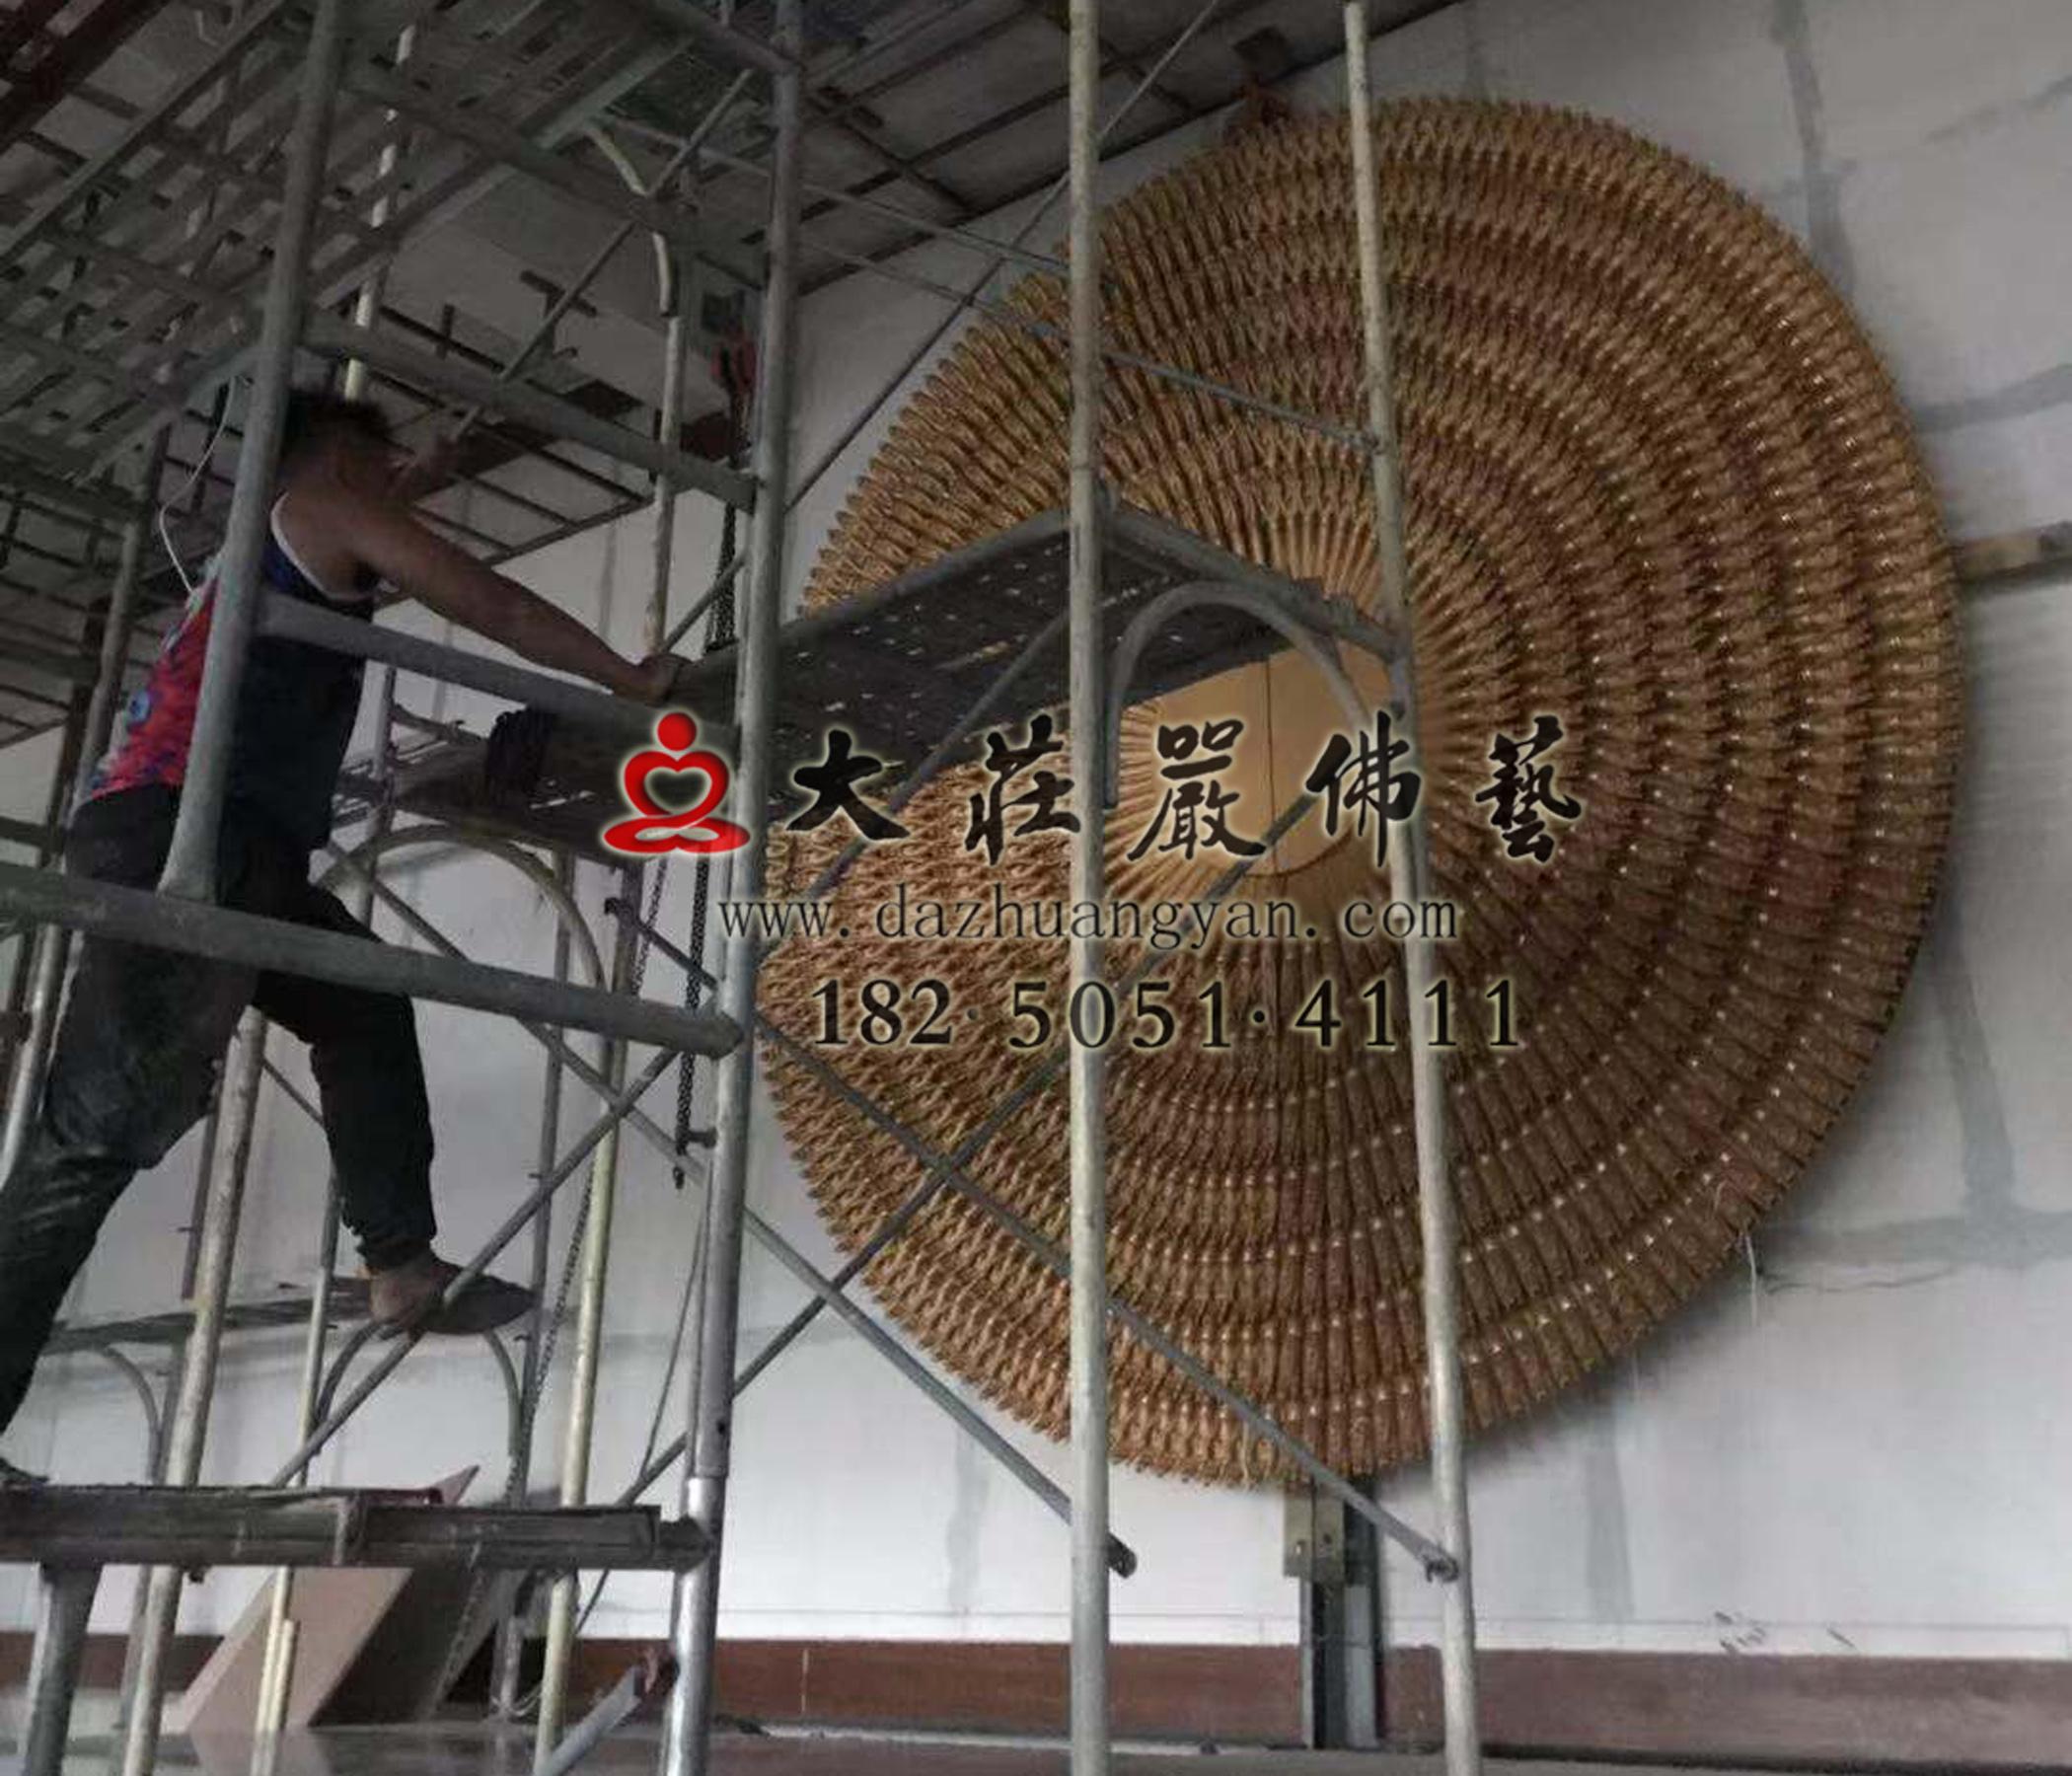 澎湖马公市潮音寺铜雕千手观音安装进行中